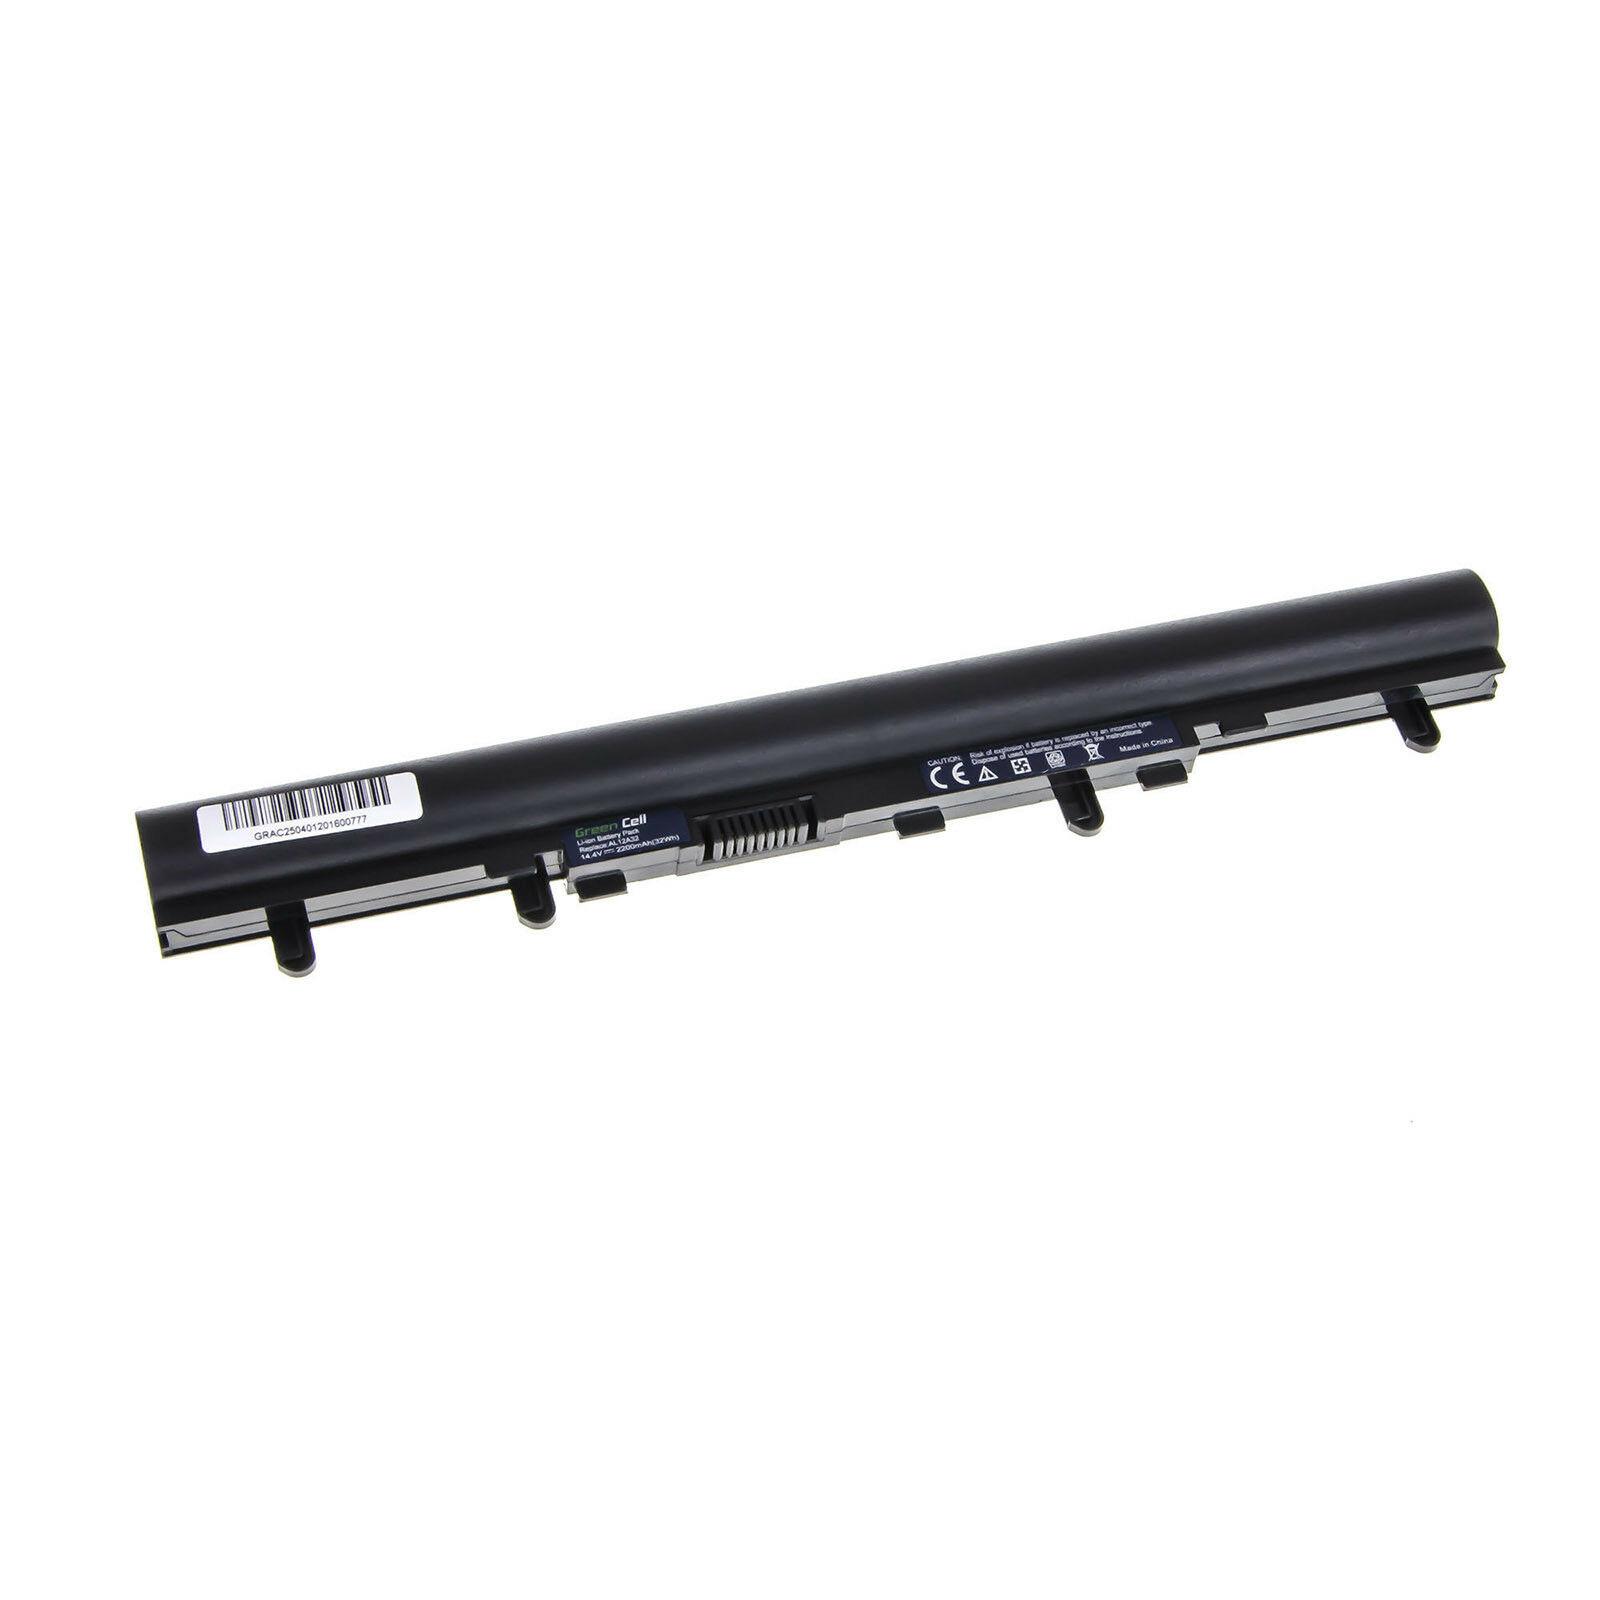 Batterie pour Acer Aspire E1-432G E1-472G E1-572G E1-510P E1-522 E1-530 E1-530G -532(compatible)